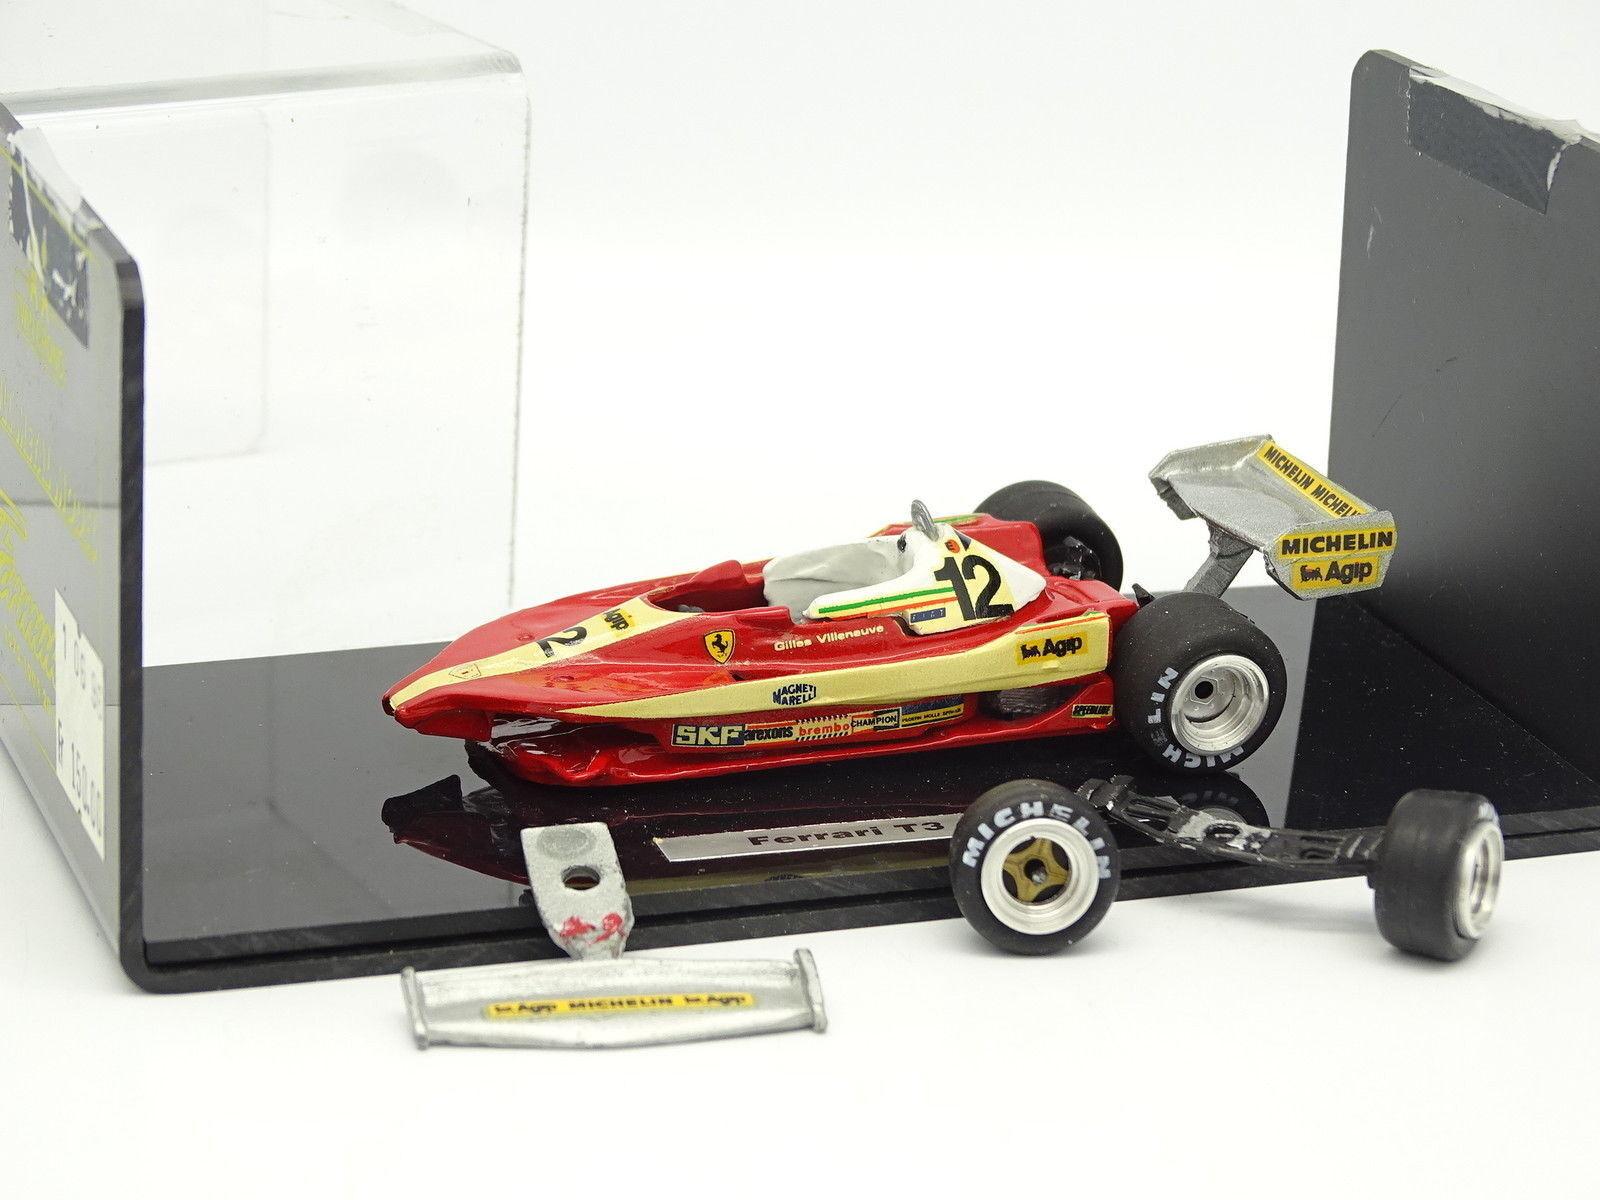 Gemello Crono Kit Montato Montato Montato 1 43 - F1 Ferrari 312 T3 Villeneuve 290714